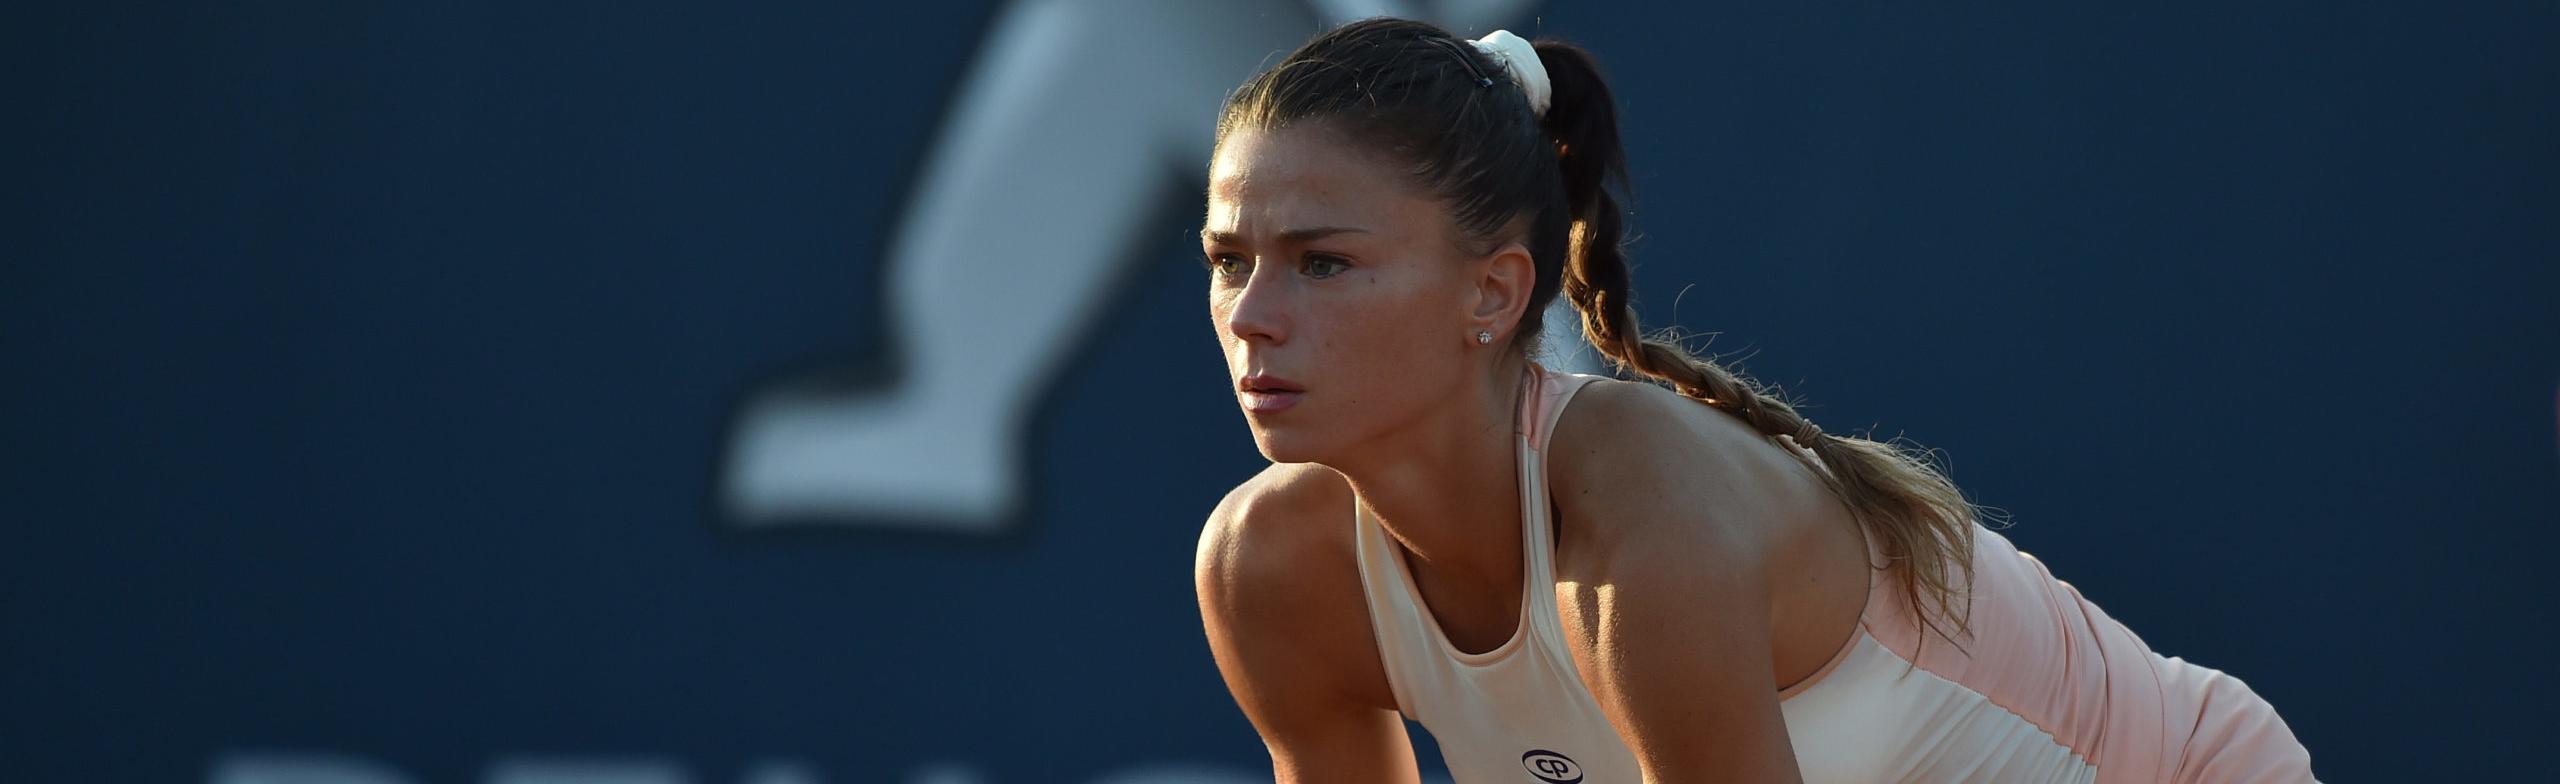 Pronostici e quote US Open 2020: Camila in campo, quattro consigli per il day 3